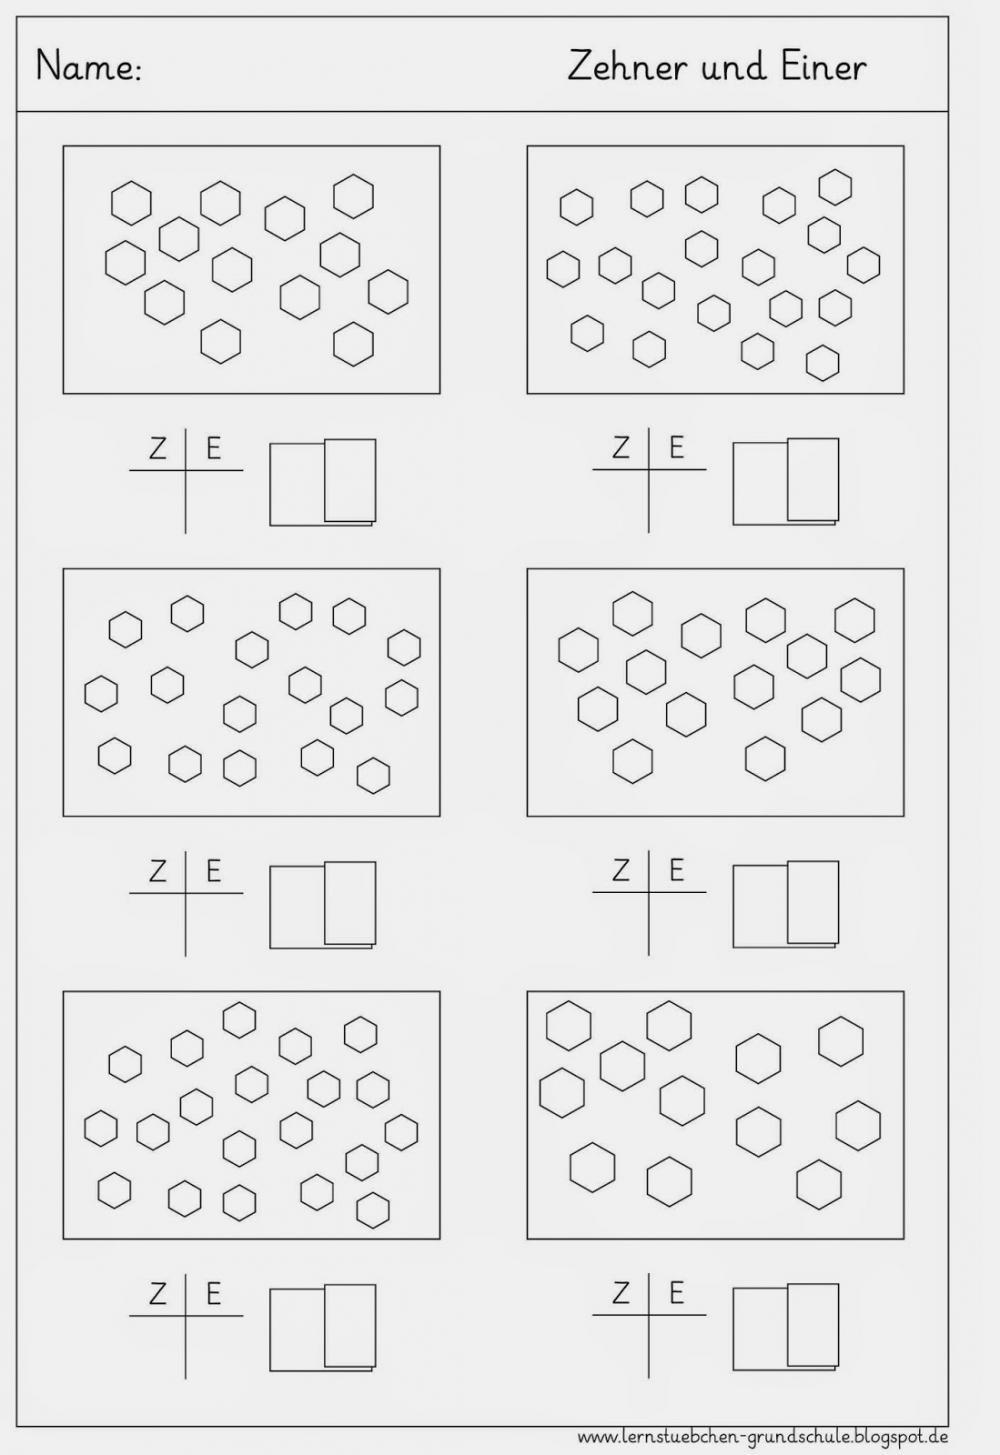 Ausgezeichnet Erkennen Fraktionen Arbeitsblatt Fotos - Mathe ...